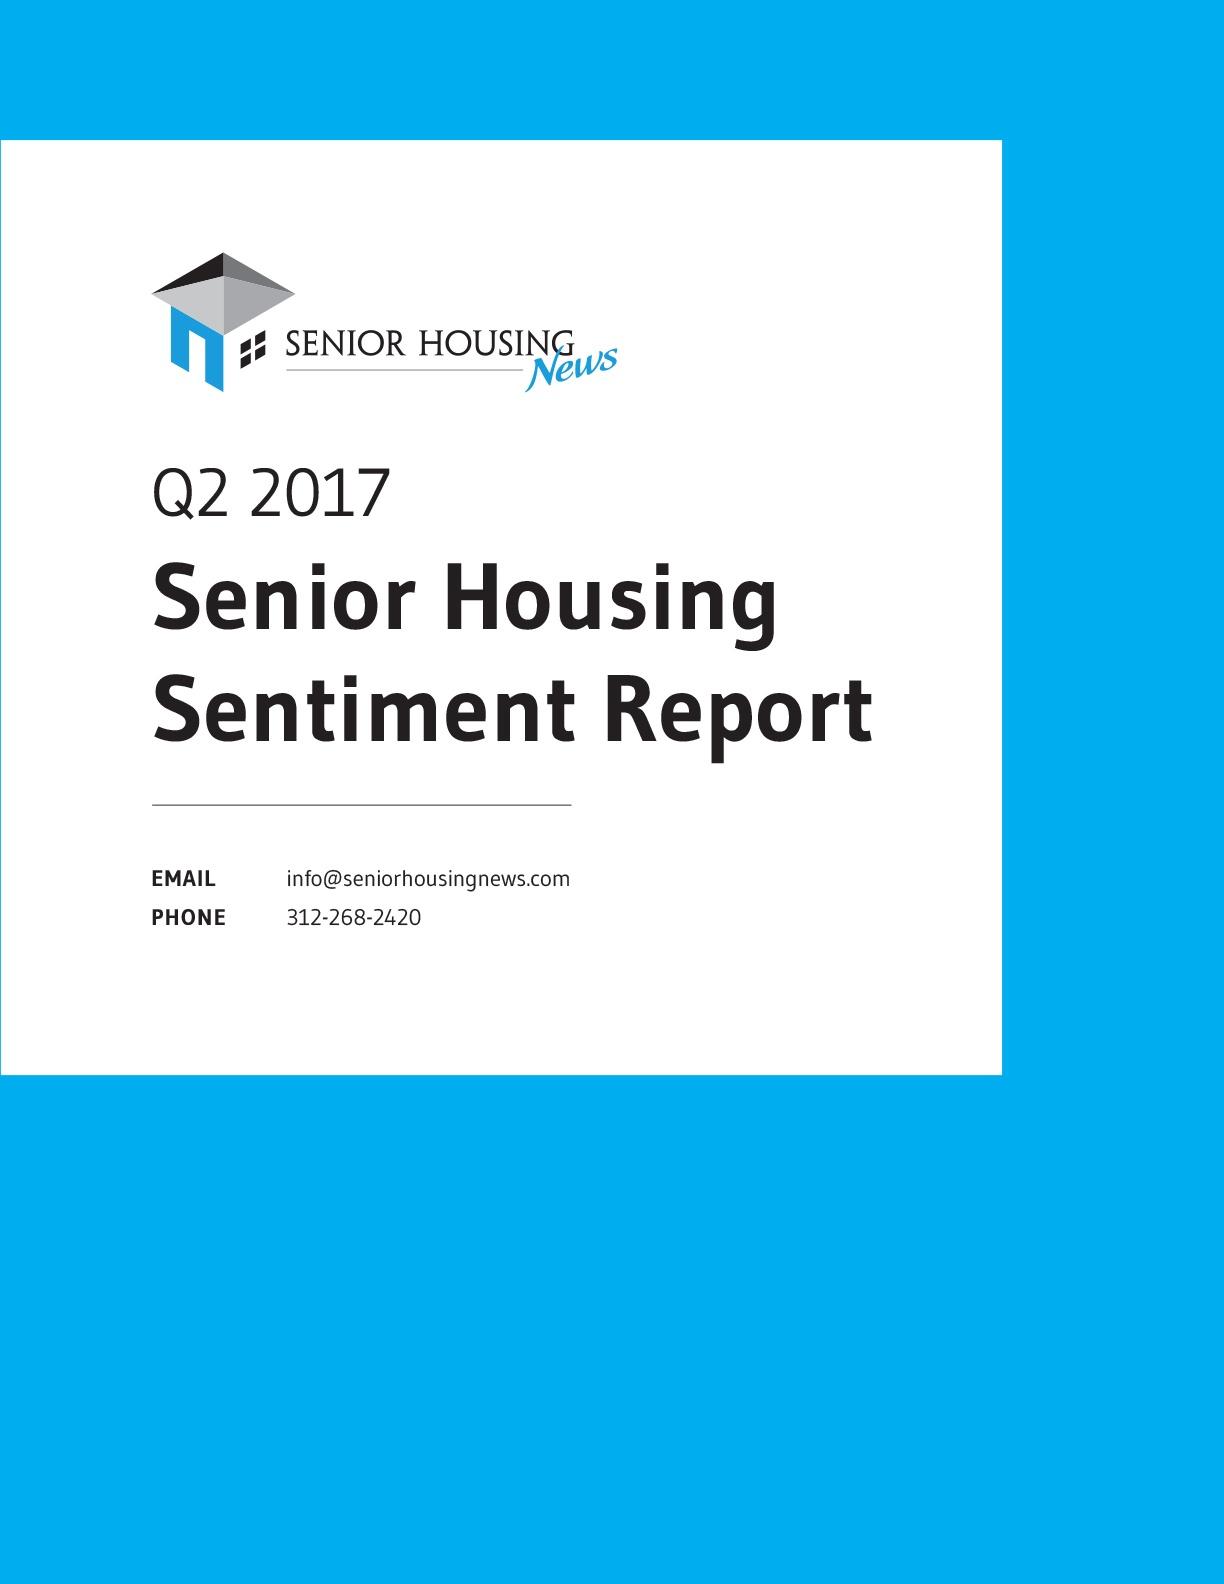 Q2 2017 Sentiment Survey Report